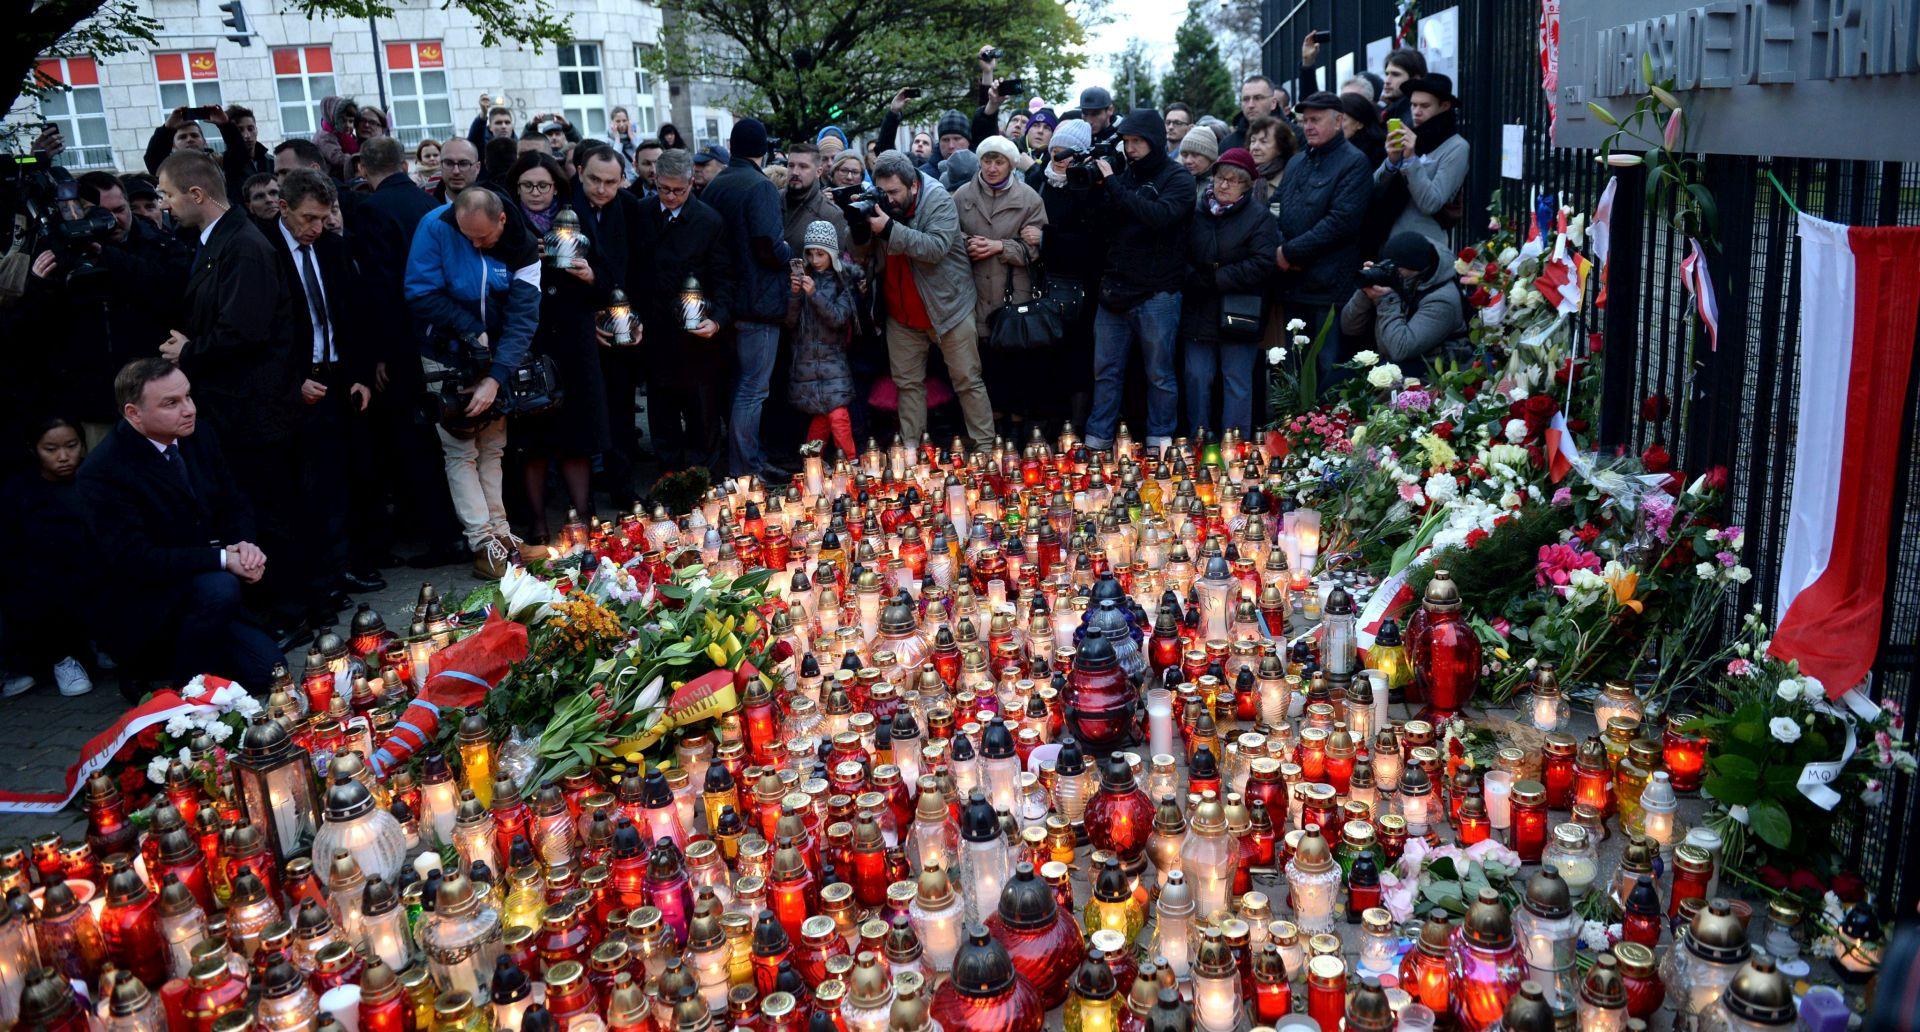 Jordanski kralj Abdullah II nakon napada u Parizu kaže da je ovo treći svjetski rat